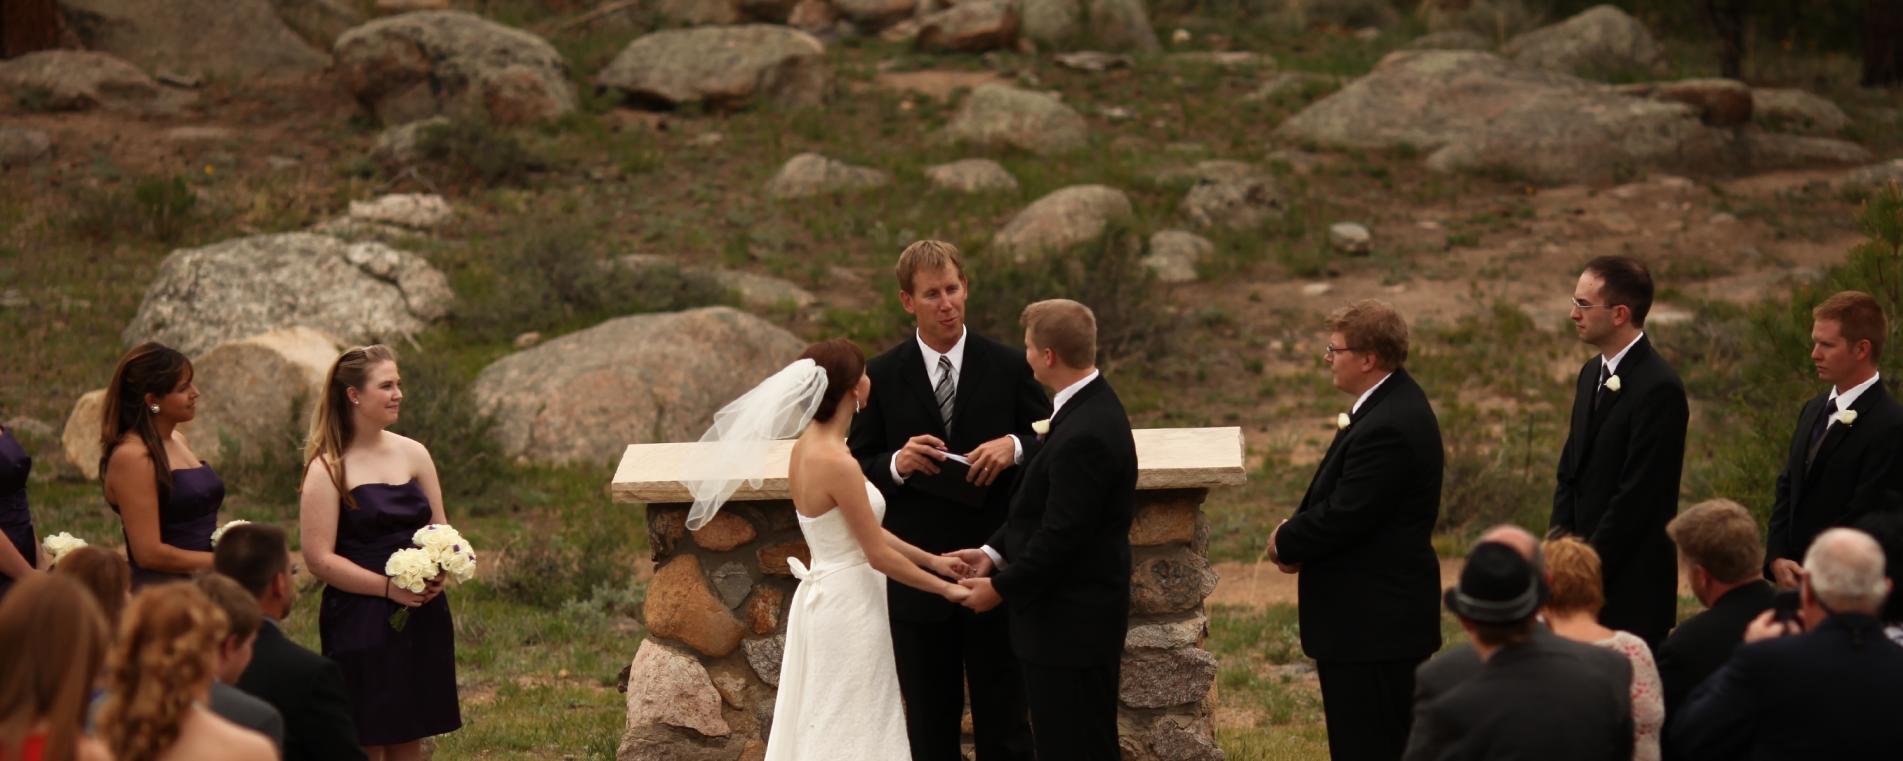 A Variety of Outdoor Wedding Venues in Estes Park